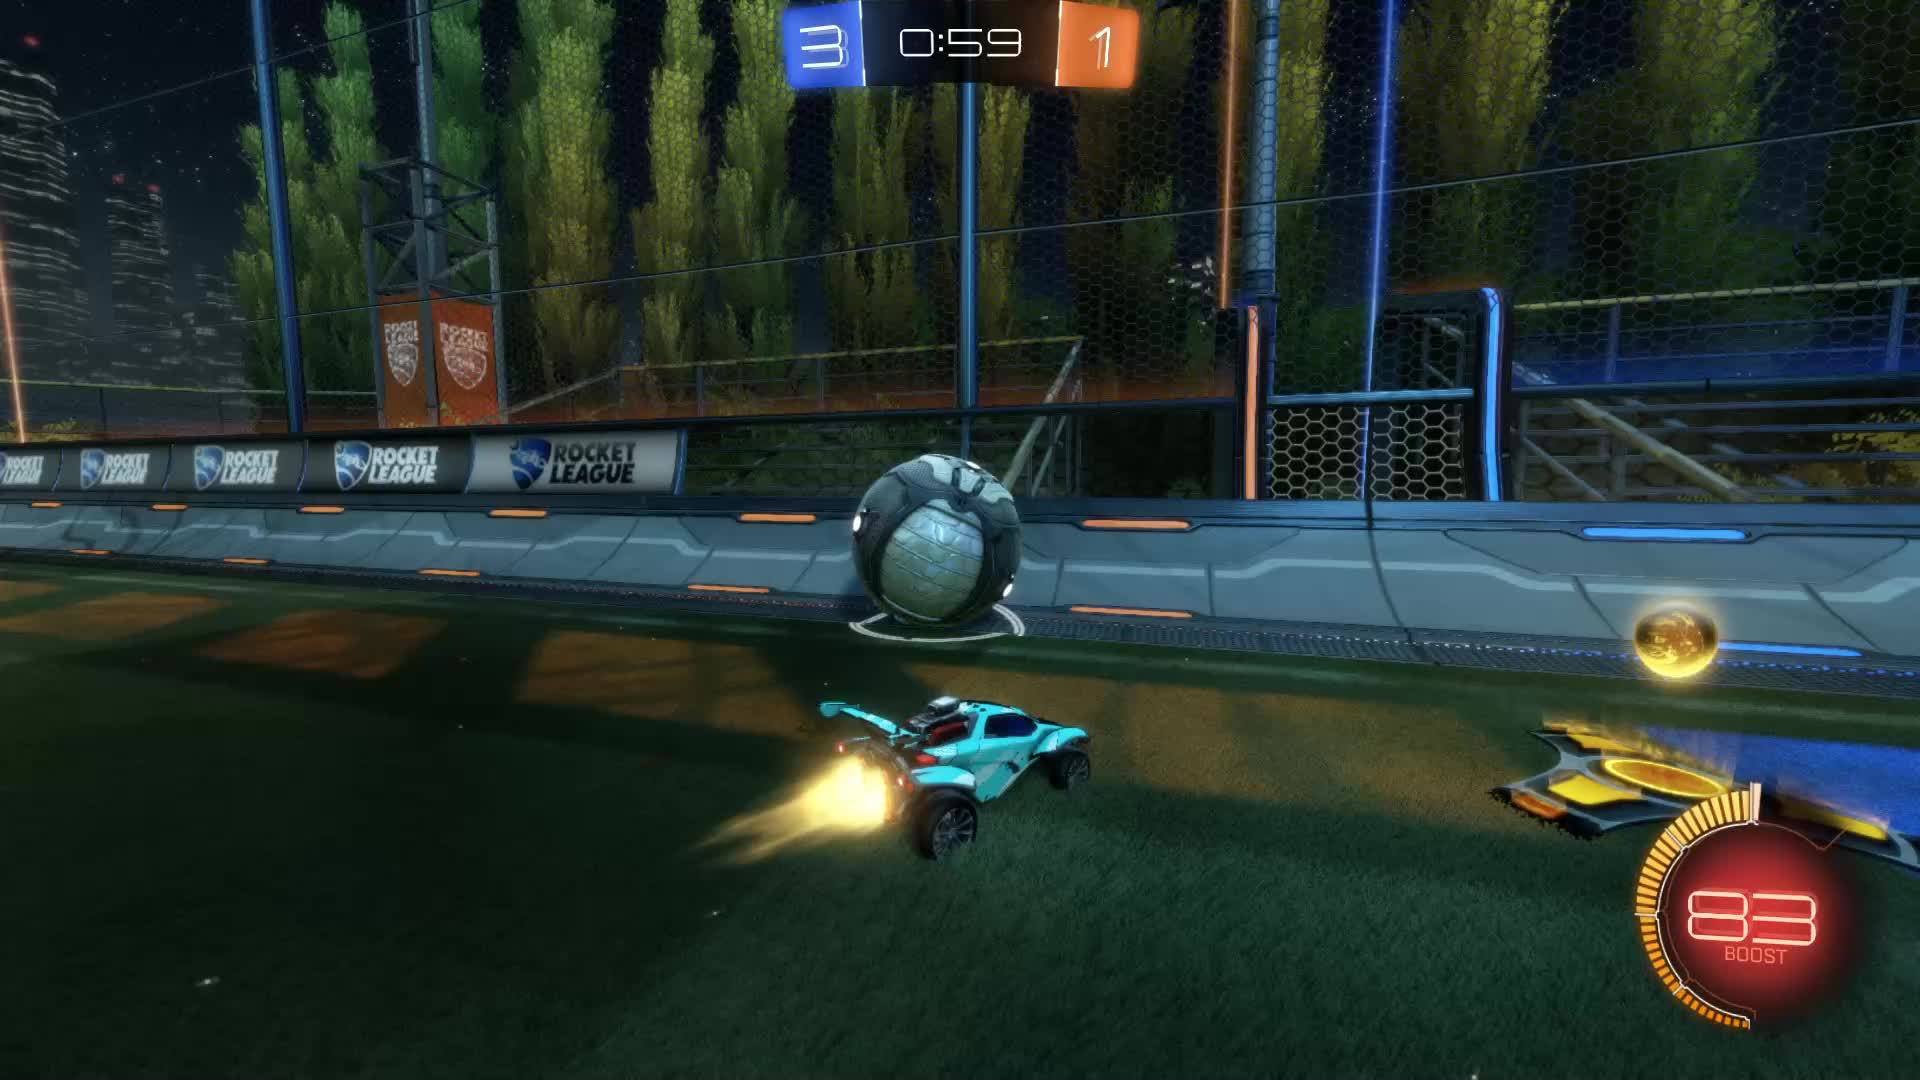 Baby Shark doo doo doo, Gif Your Game, GifYourGame, Goal, Rocket League, RocketLeague, Goal 5: Baby Shark doo doo doo GIFs